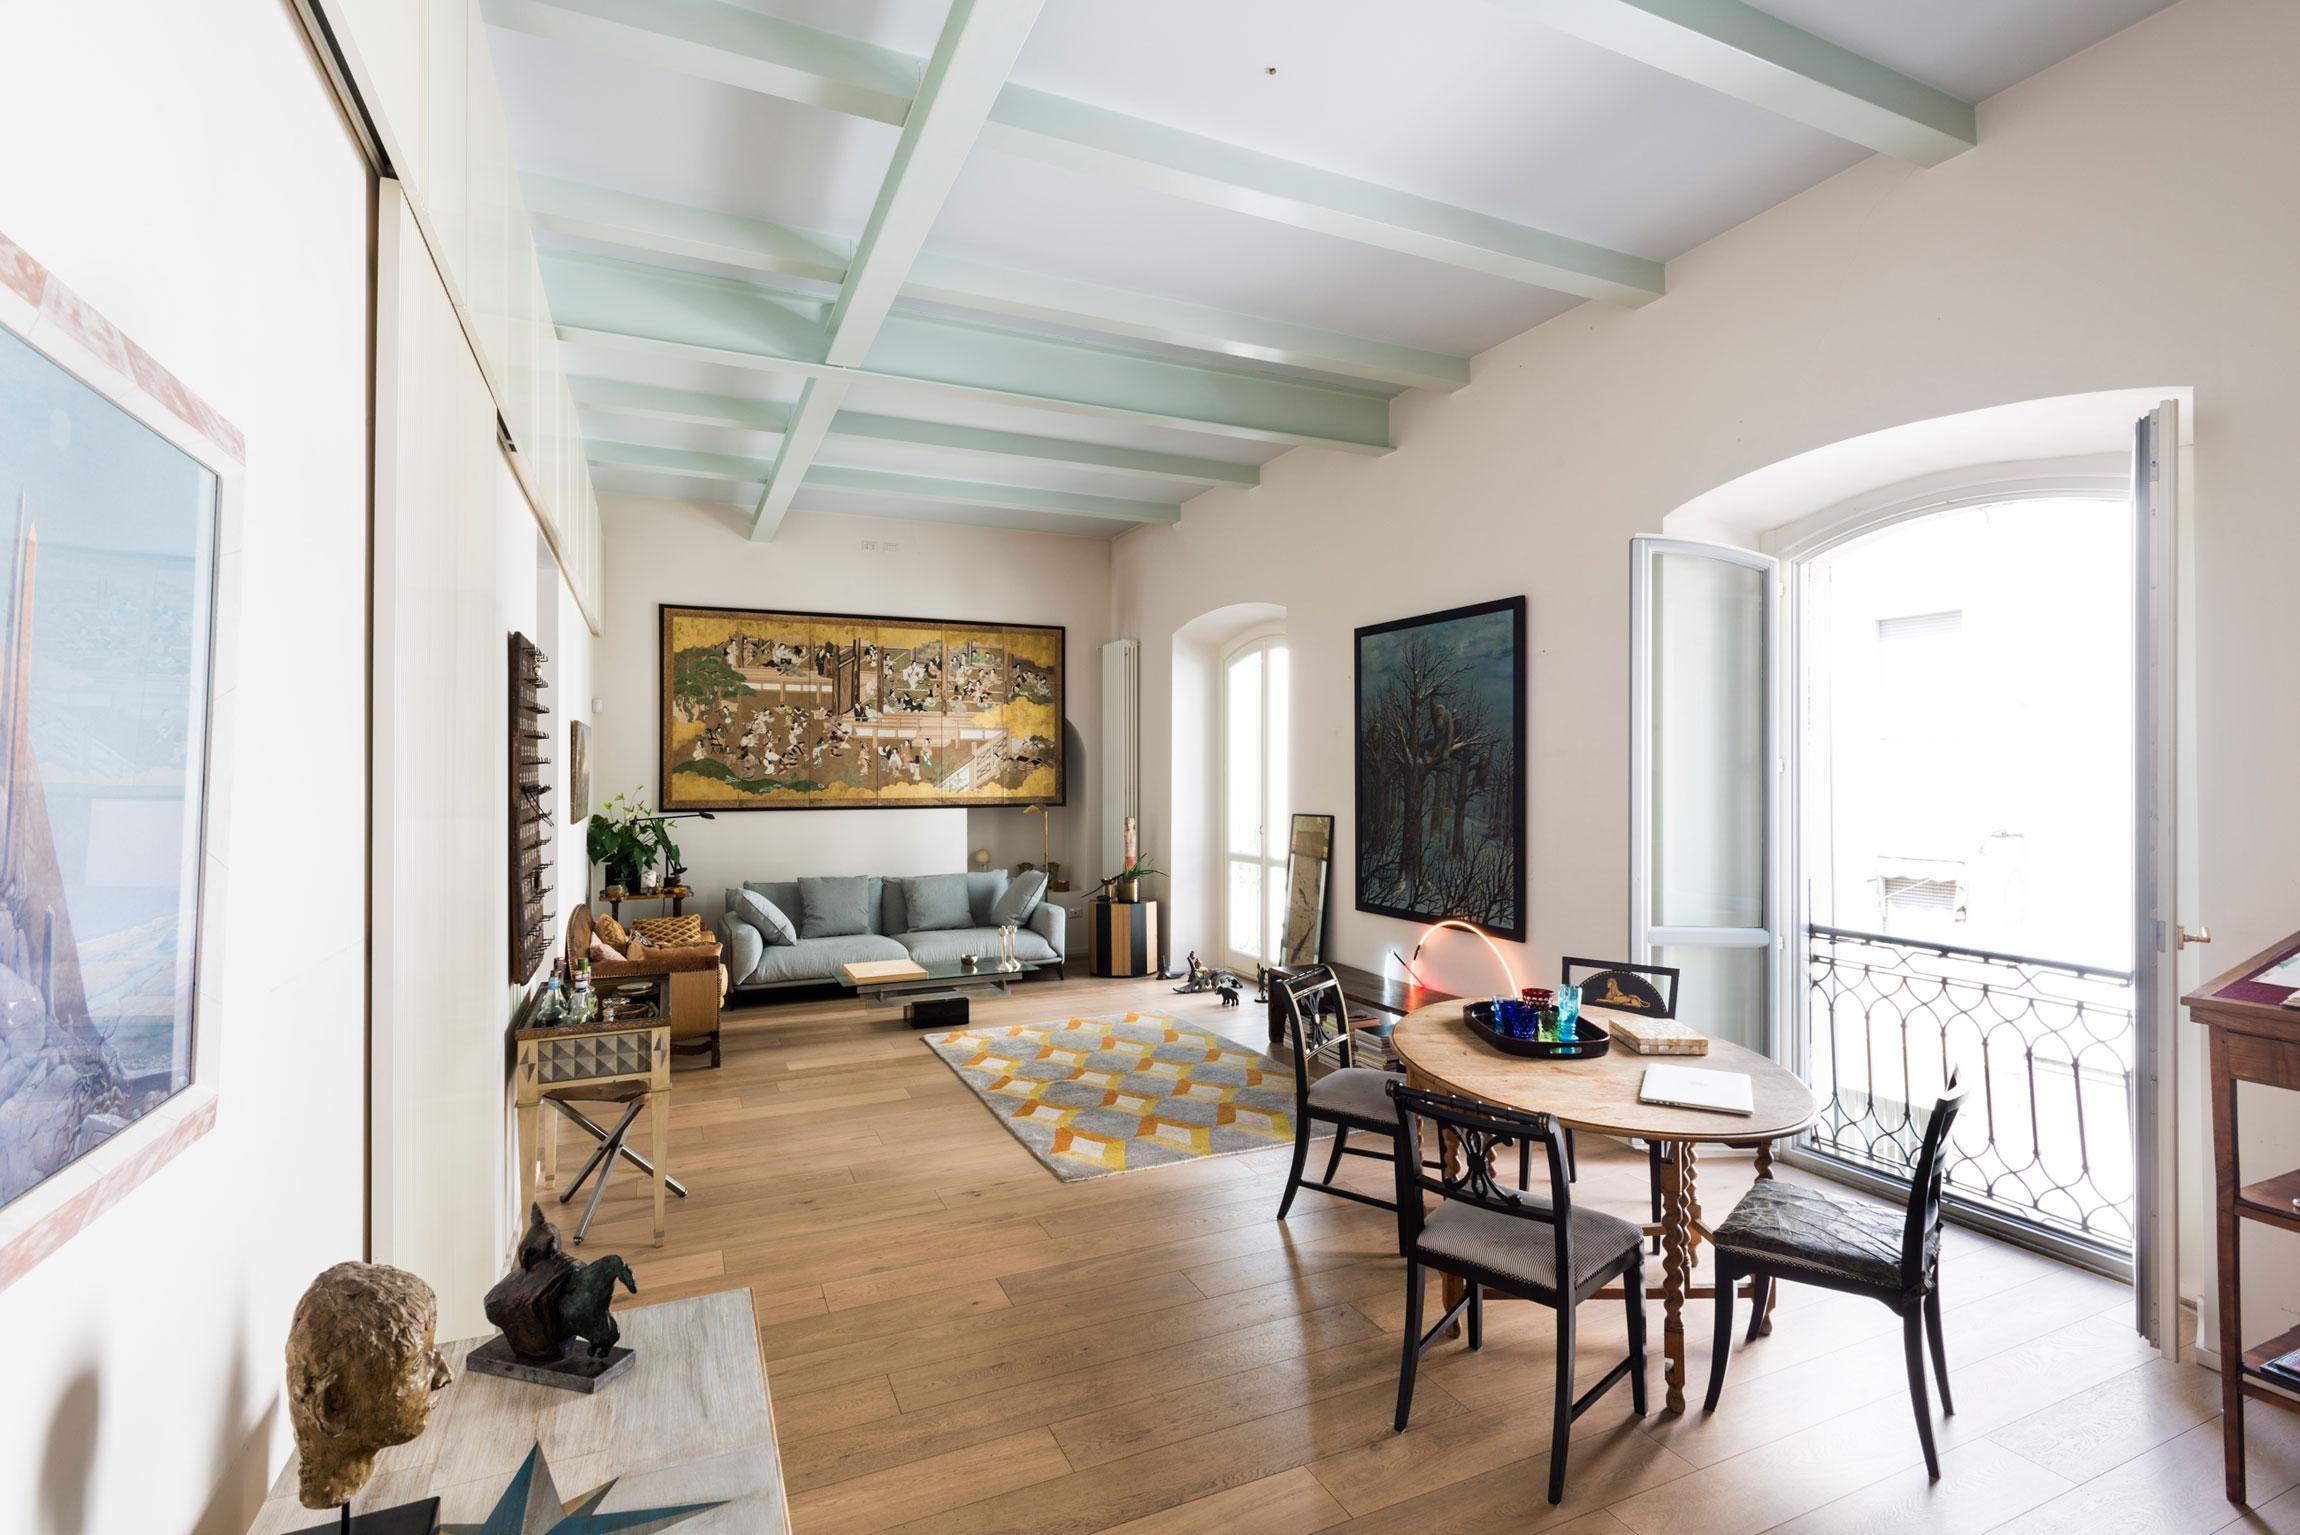 Klasszikus belső tér francia erkéllyel - nappali ötletek ...